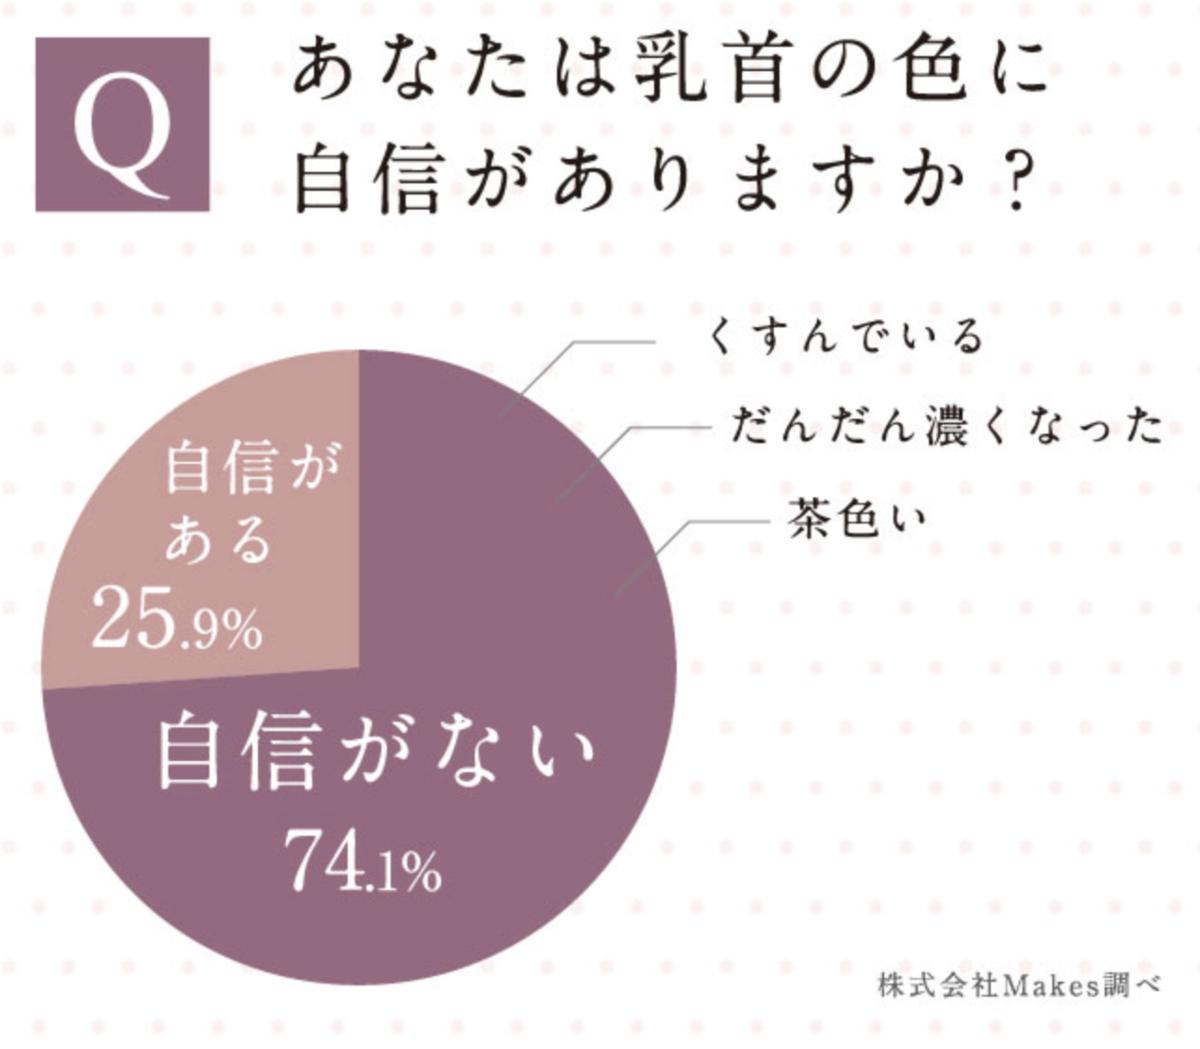 f:id:yuzubaferret:20200112154430p:plain